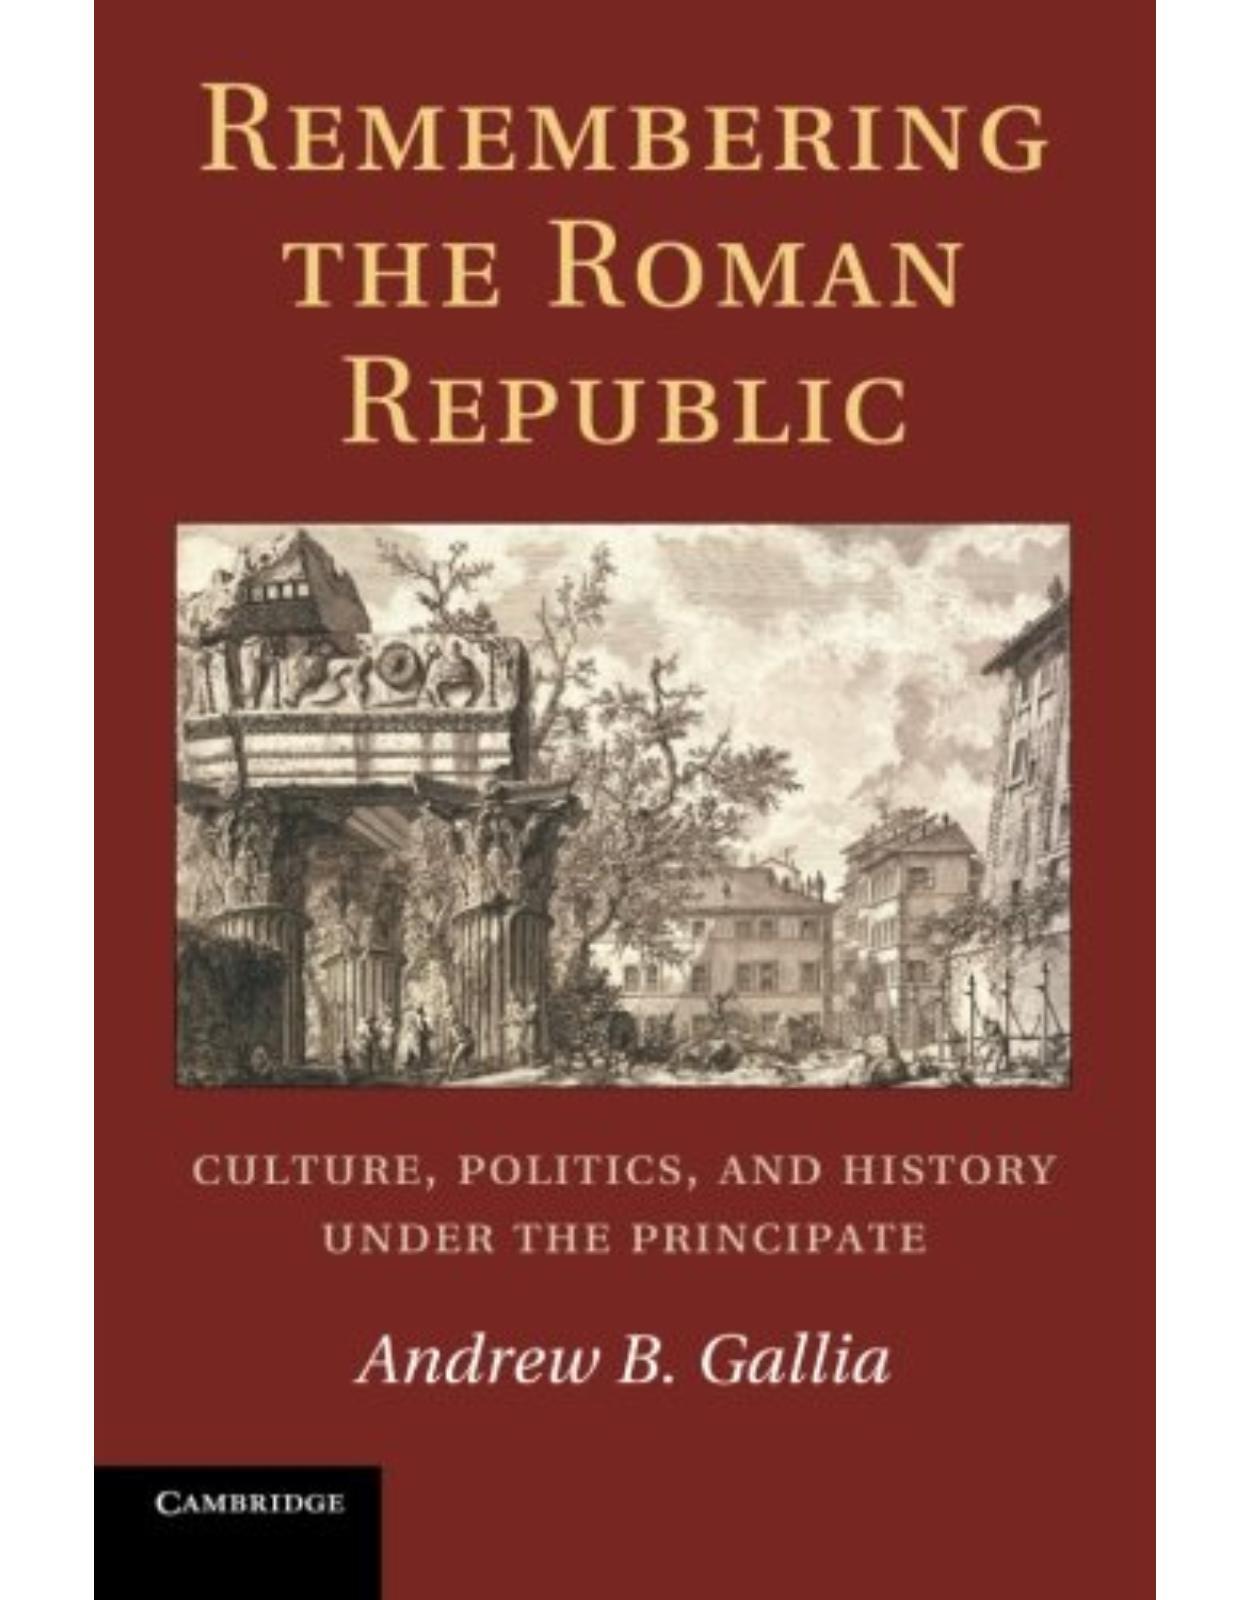 Remembering the Roman Republic: Culture, Politics and History under the Principate